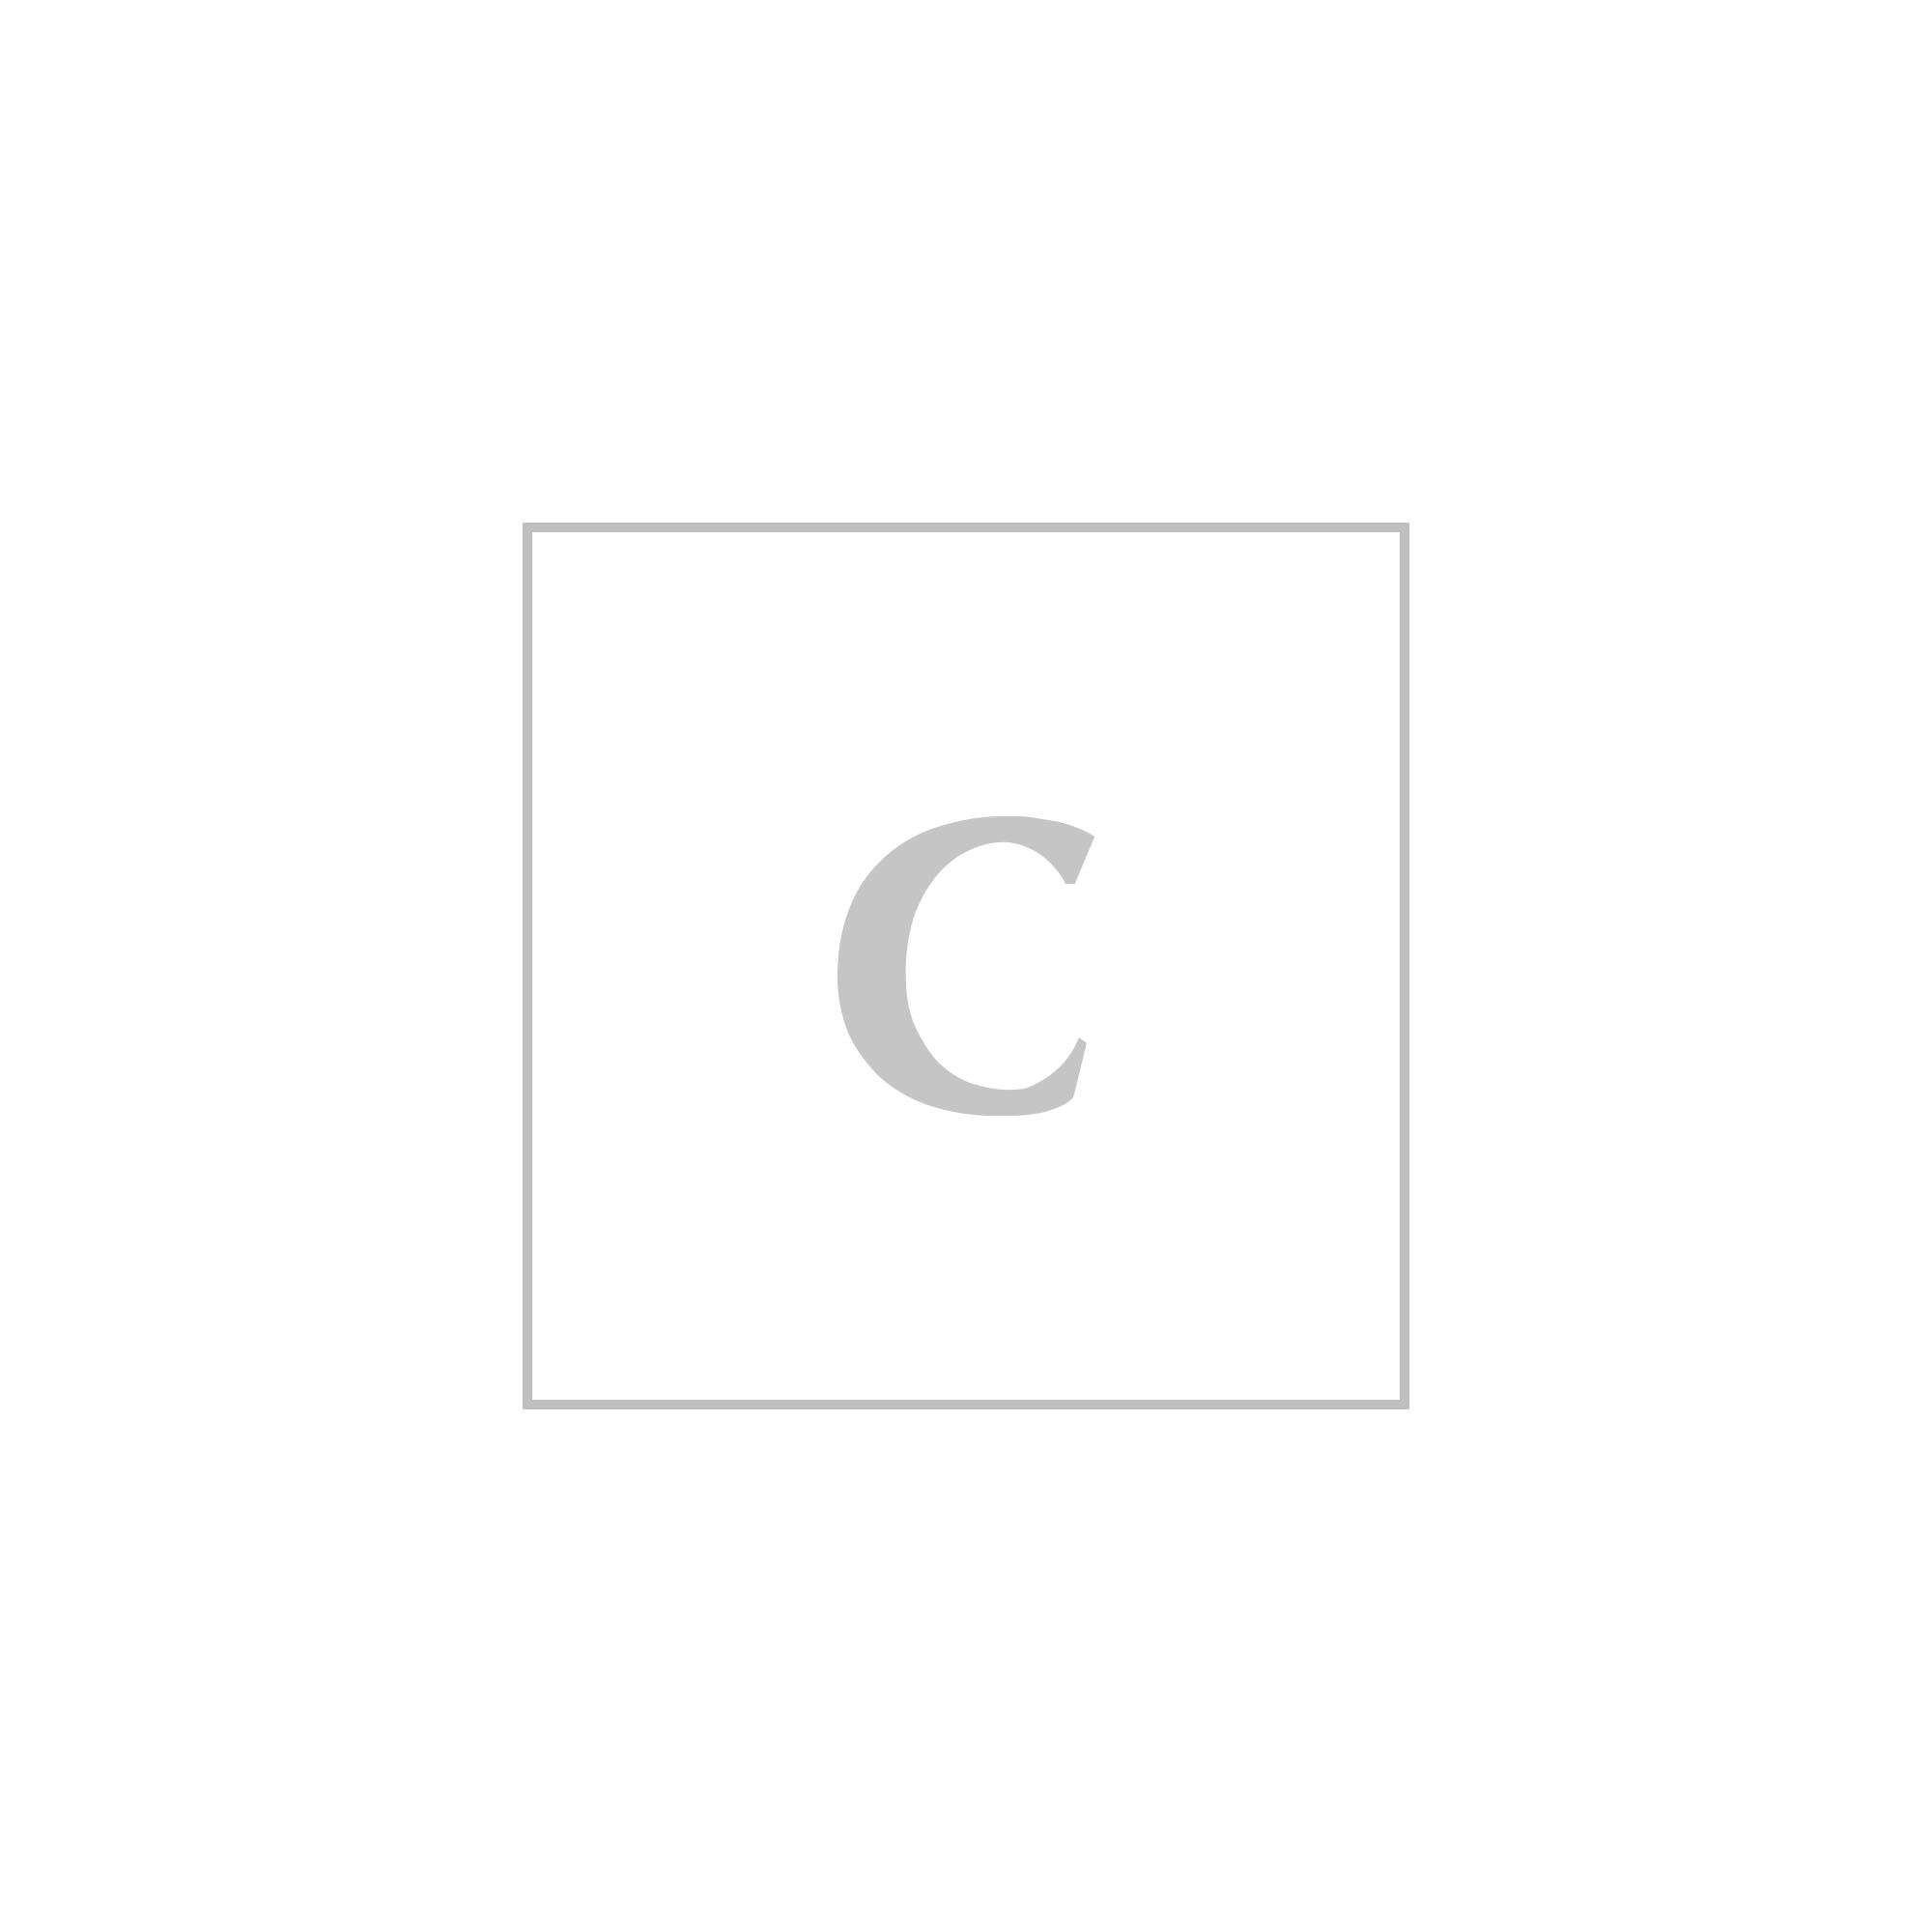 Versace calfskin signature bag